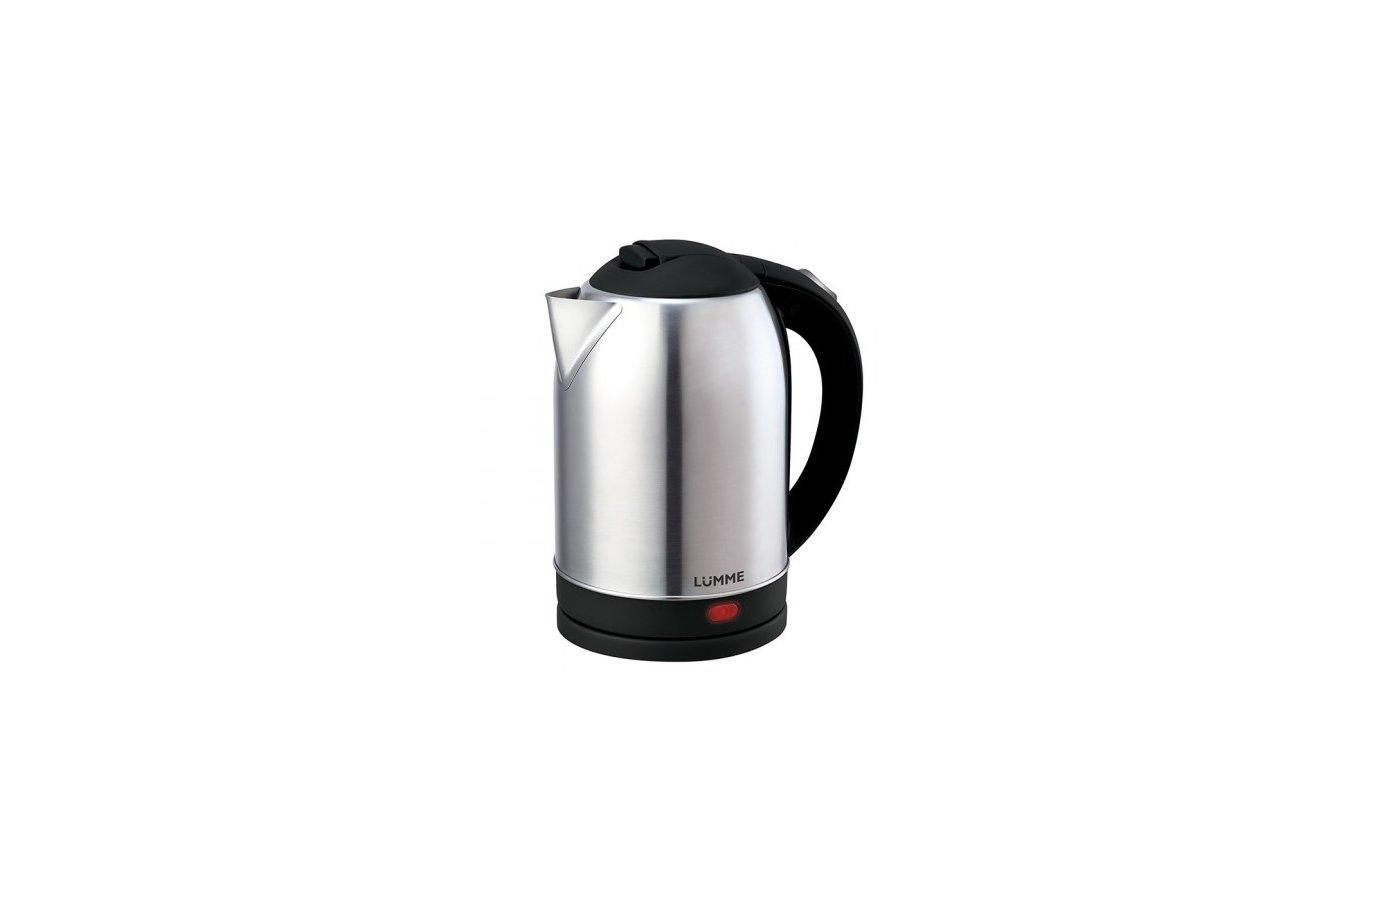 Чайник электрический  LUMME LU-217 черный жемчуг